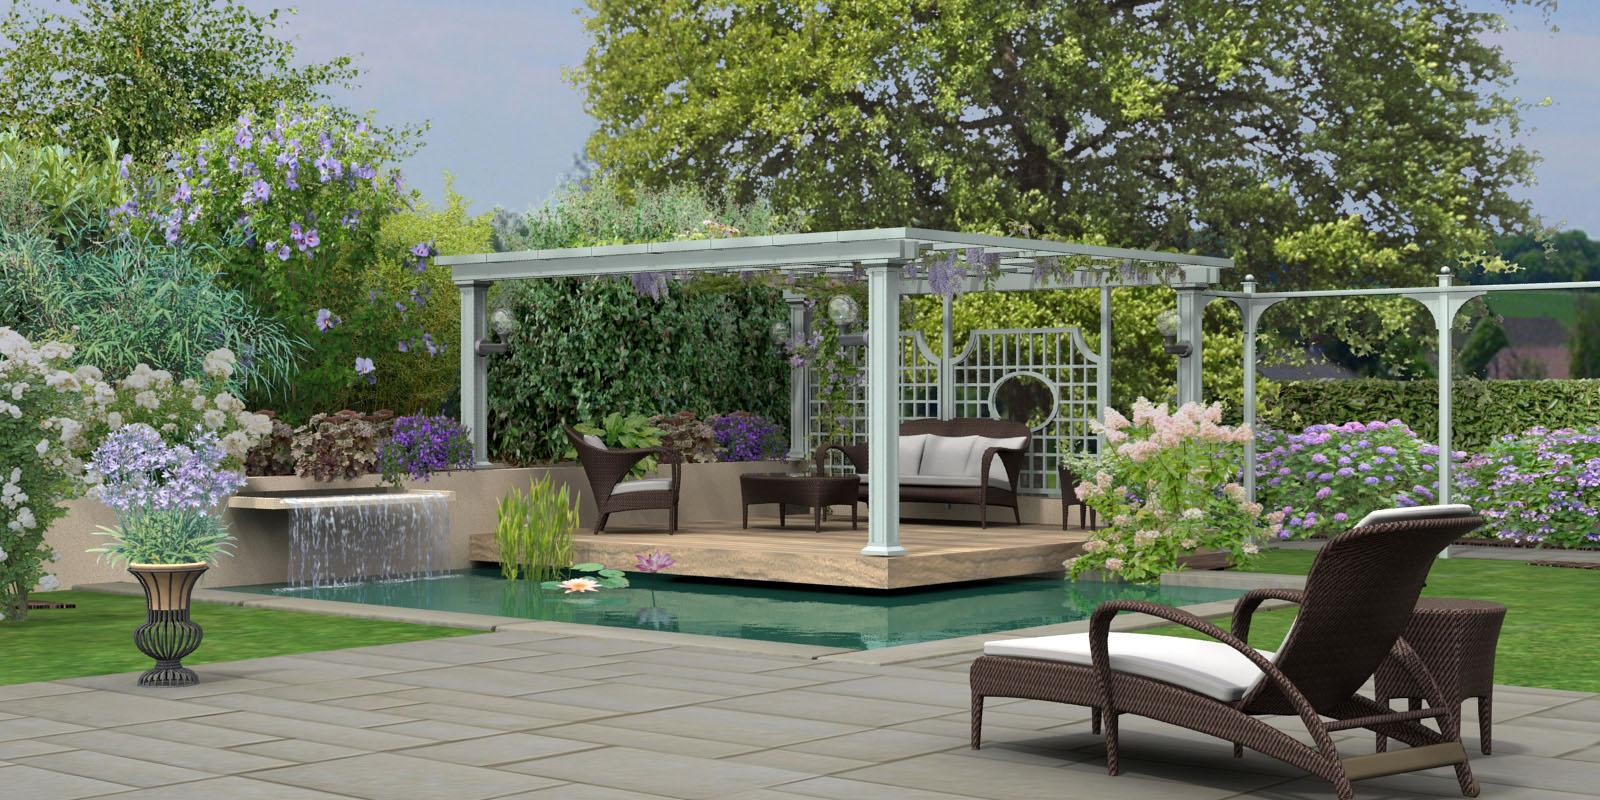 Hortus3D Création De Plans De Jardin 3D En Réalité Virtuelle dedans Créer Un Plan De Jardin Gratuit